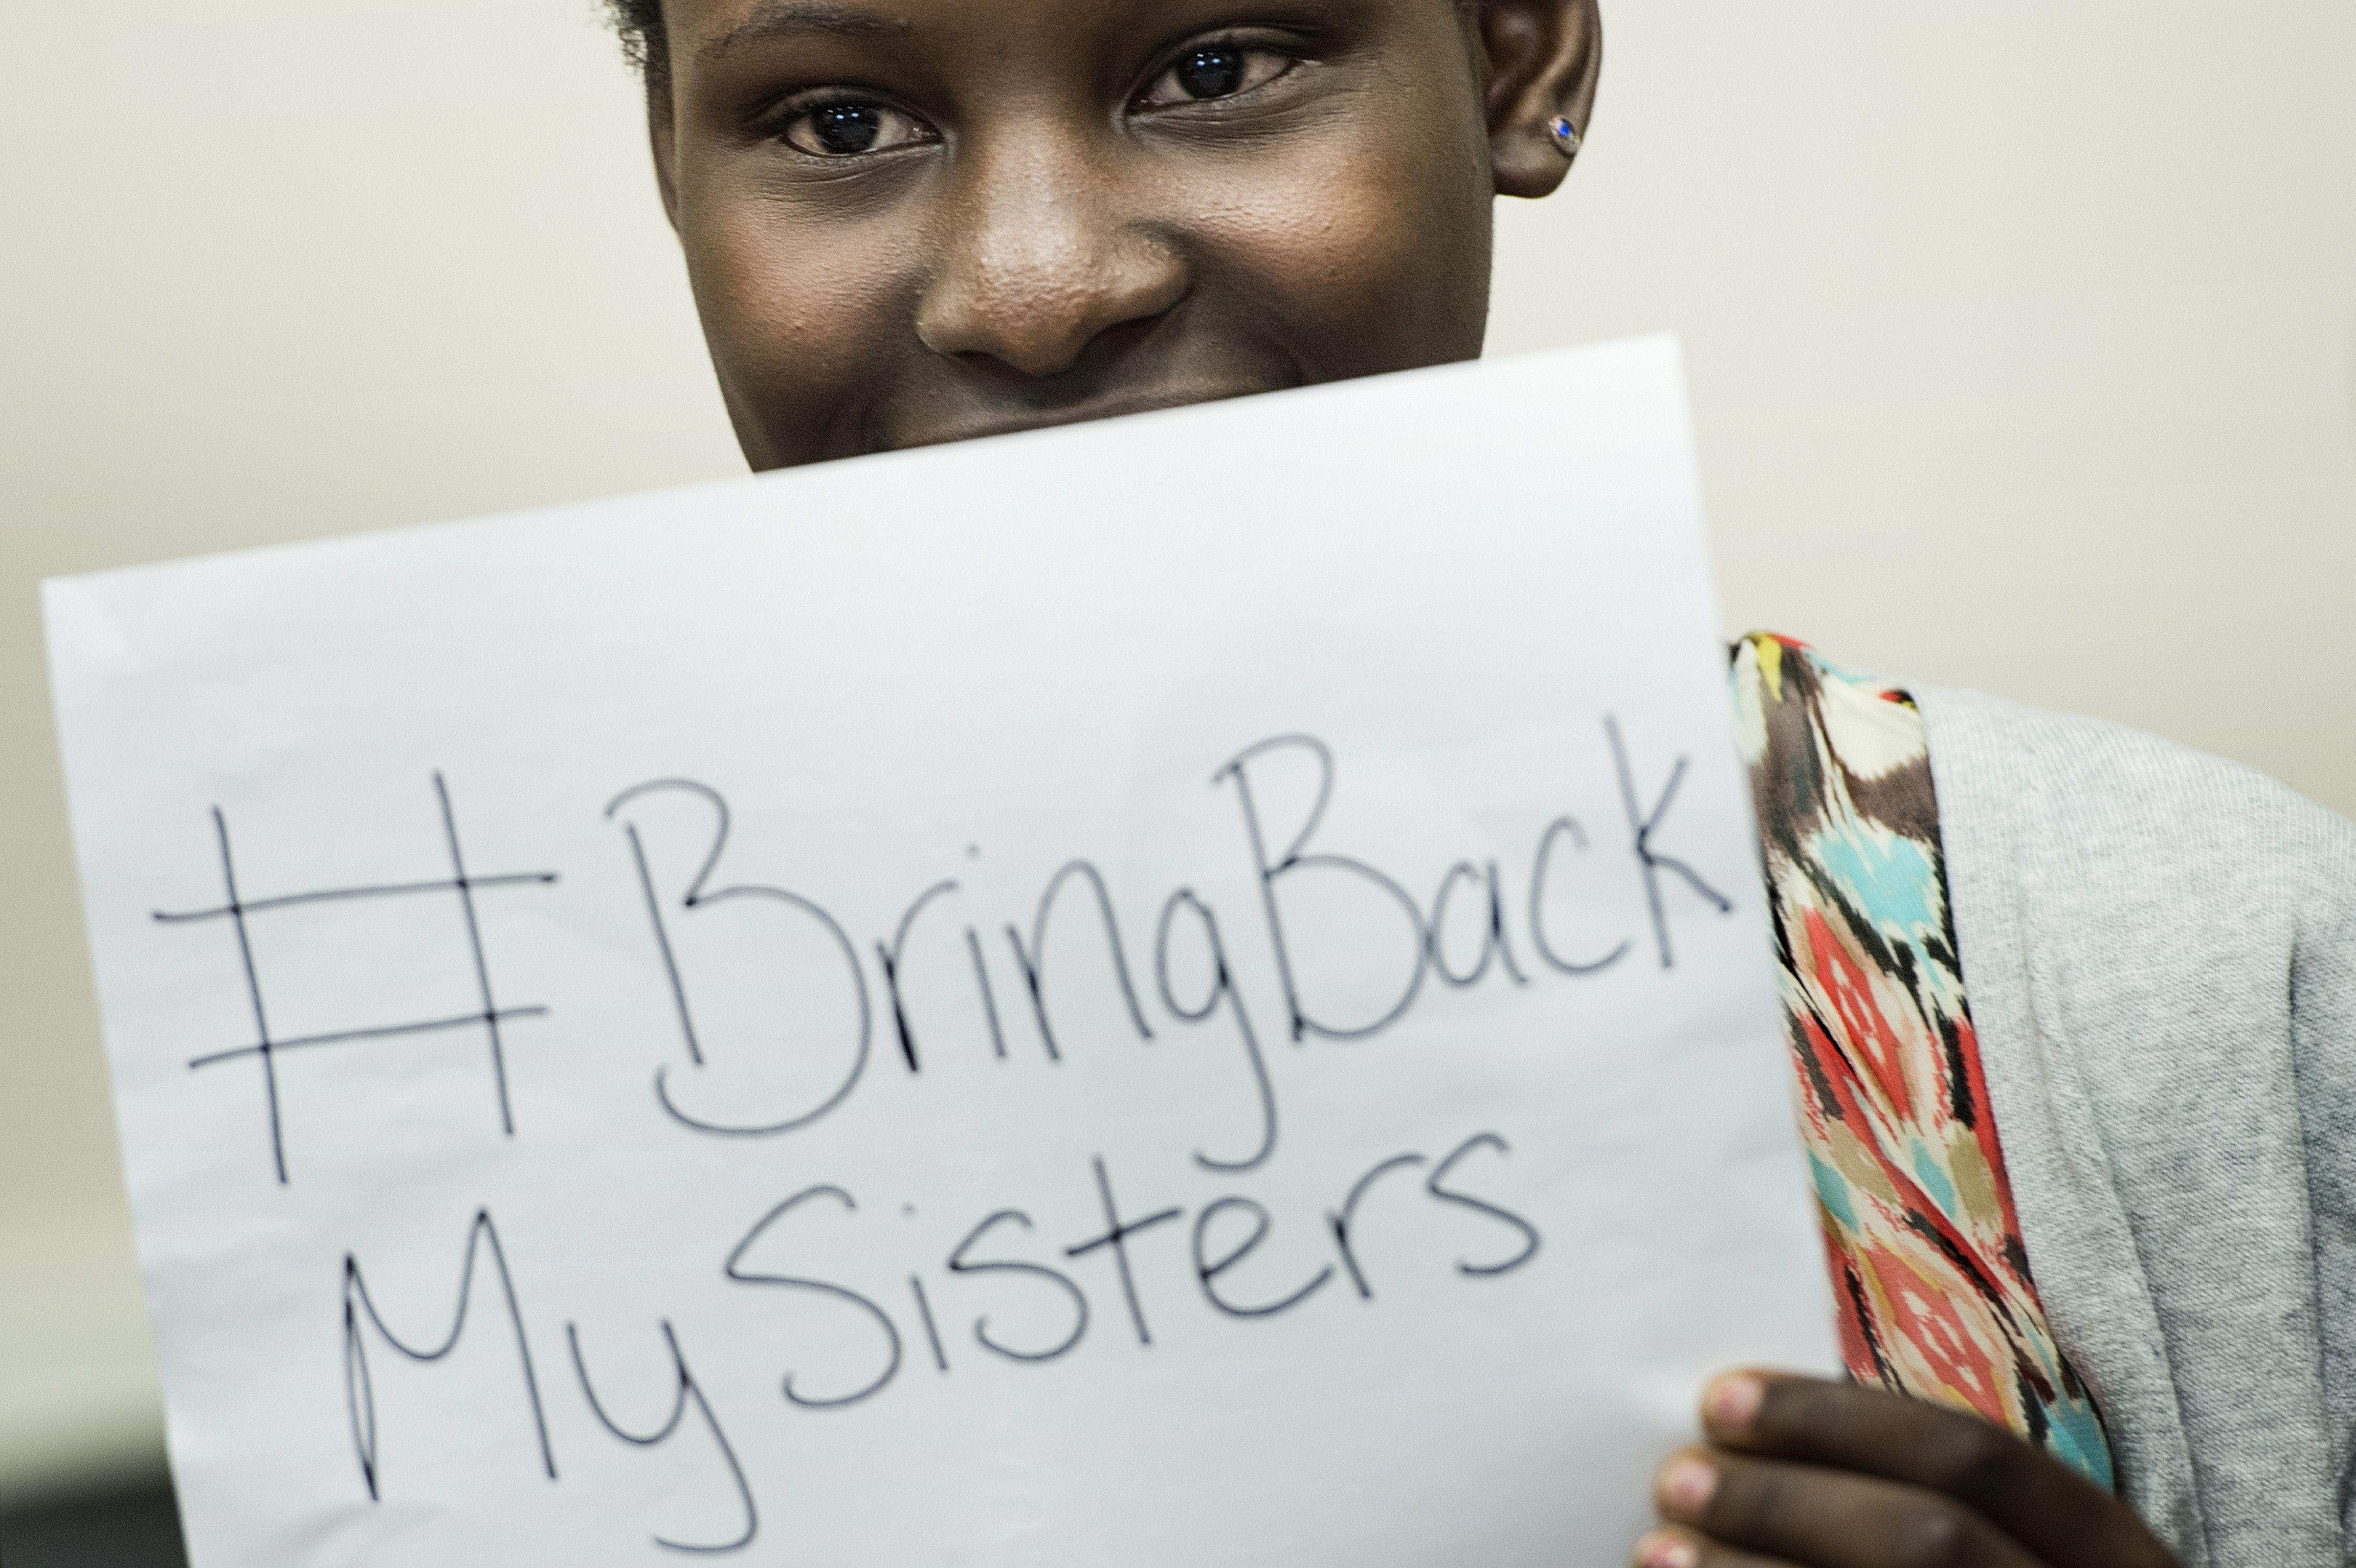 Statele Unite trimit trupe in Nigeria pentru cautarea celor 223 de adolescente rapite de secta islamista Boko Haram